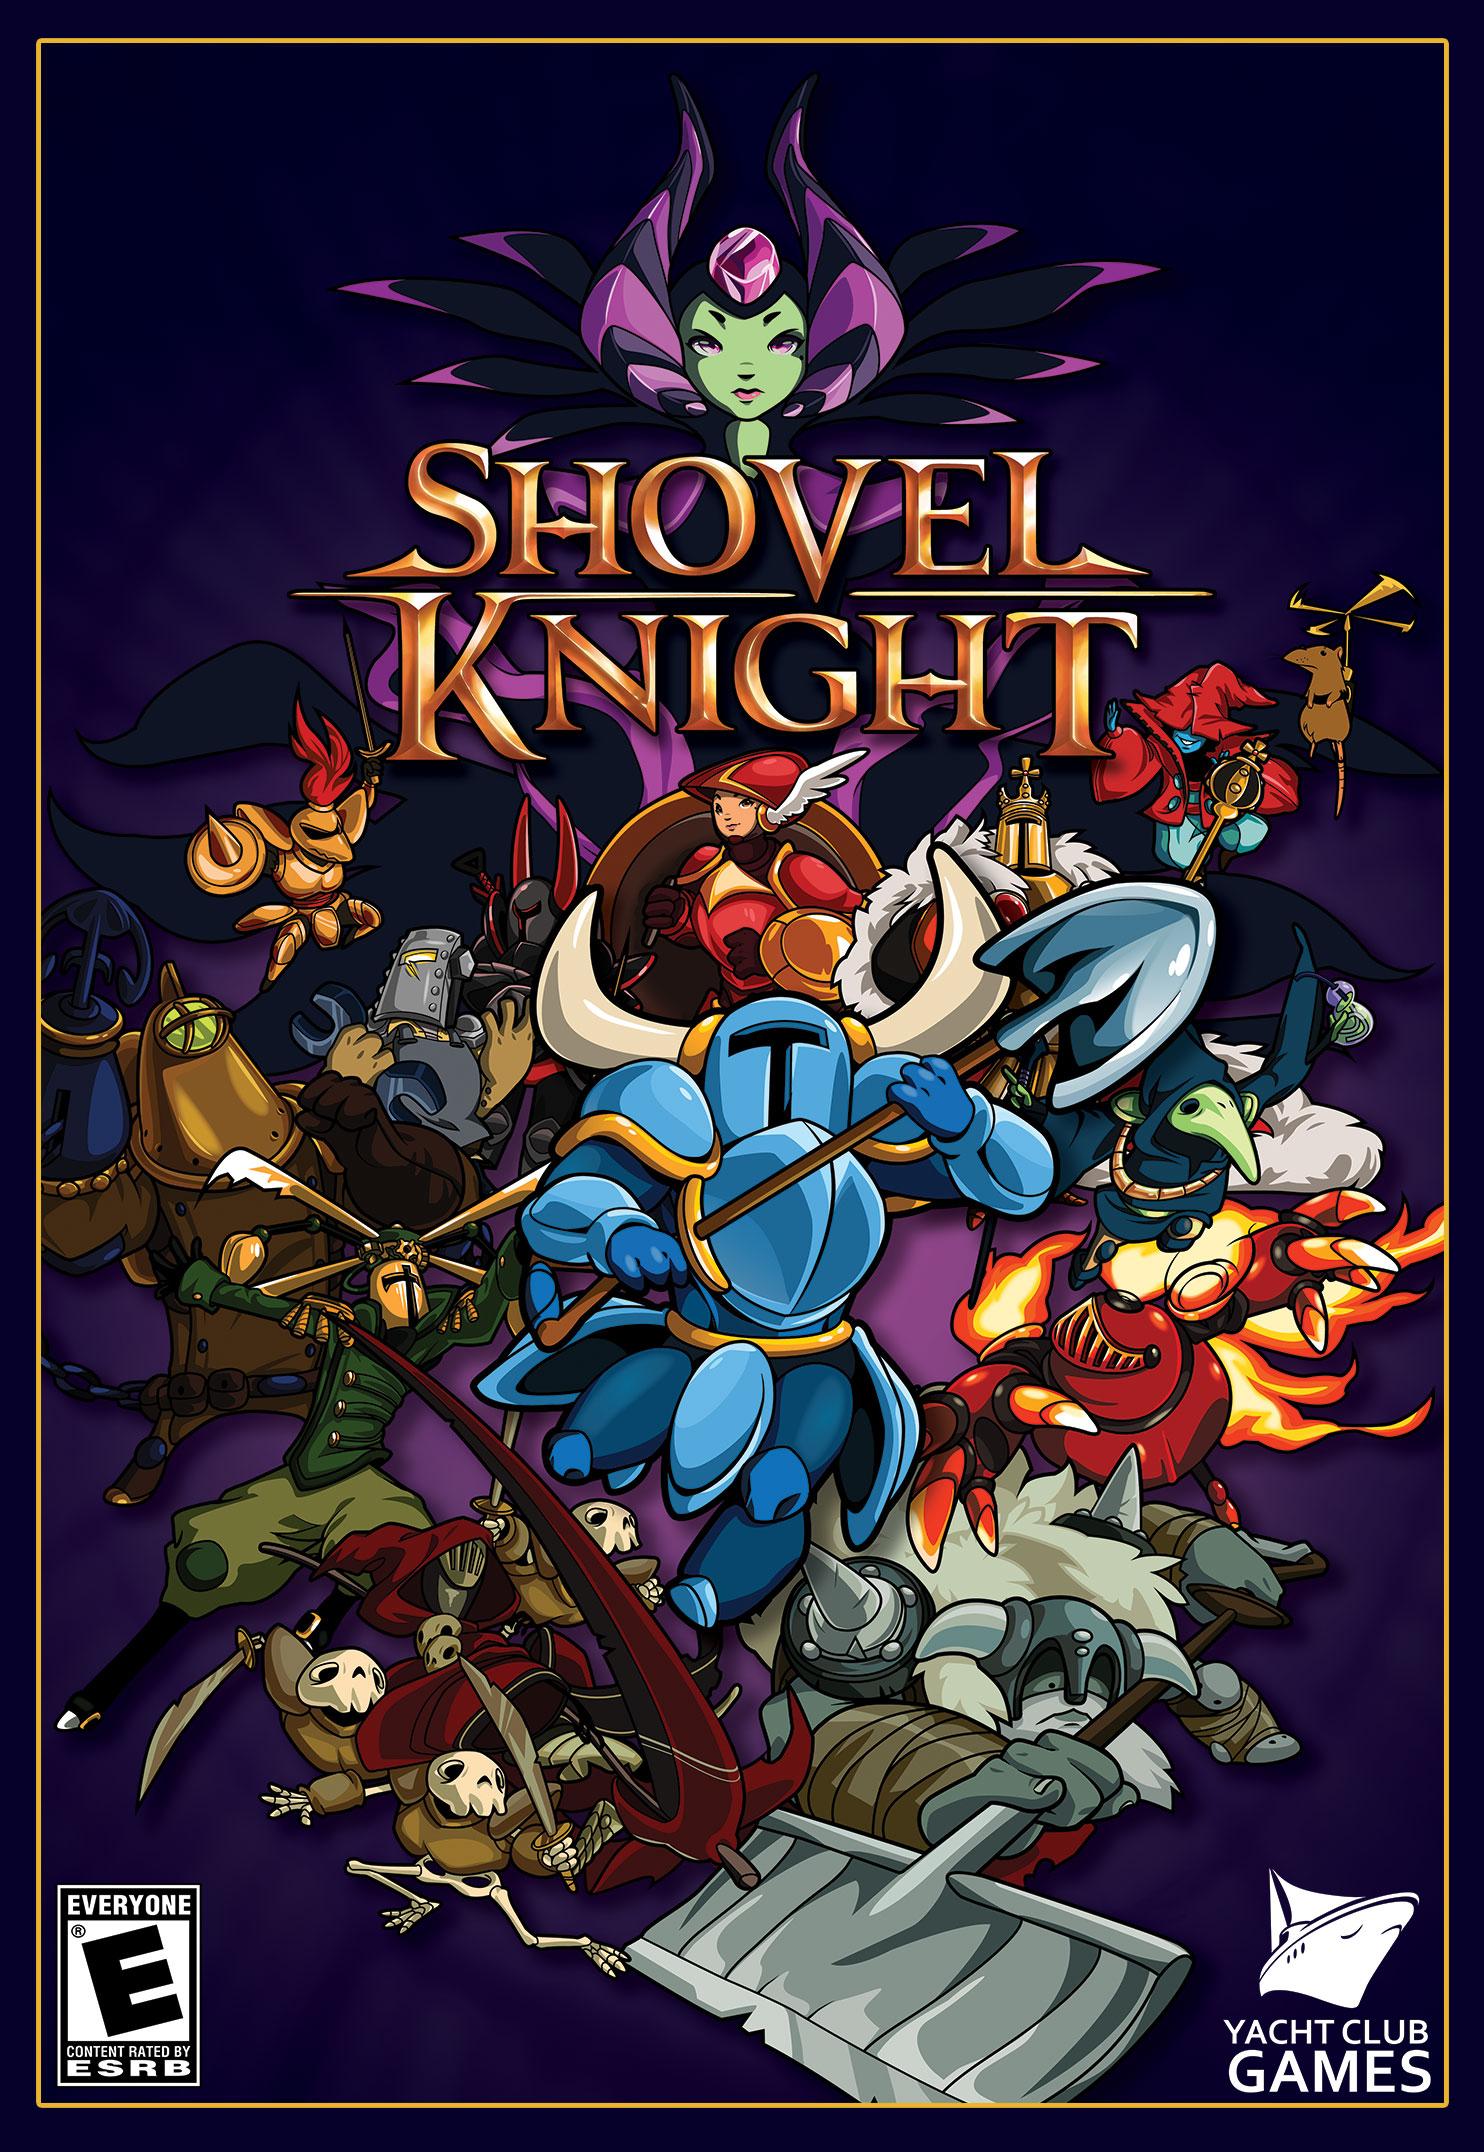 Файл:Shovel knight cover.jpg